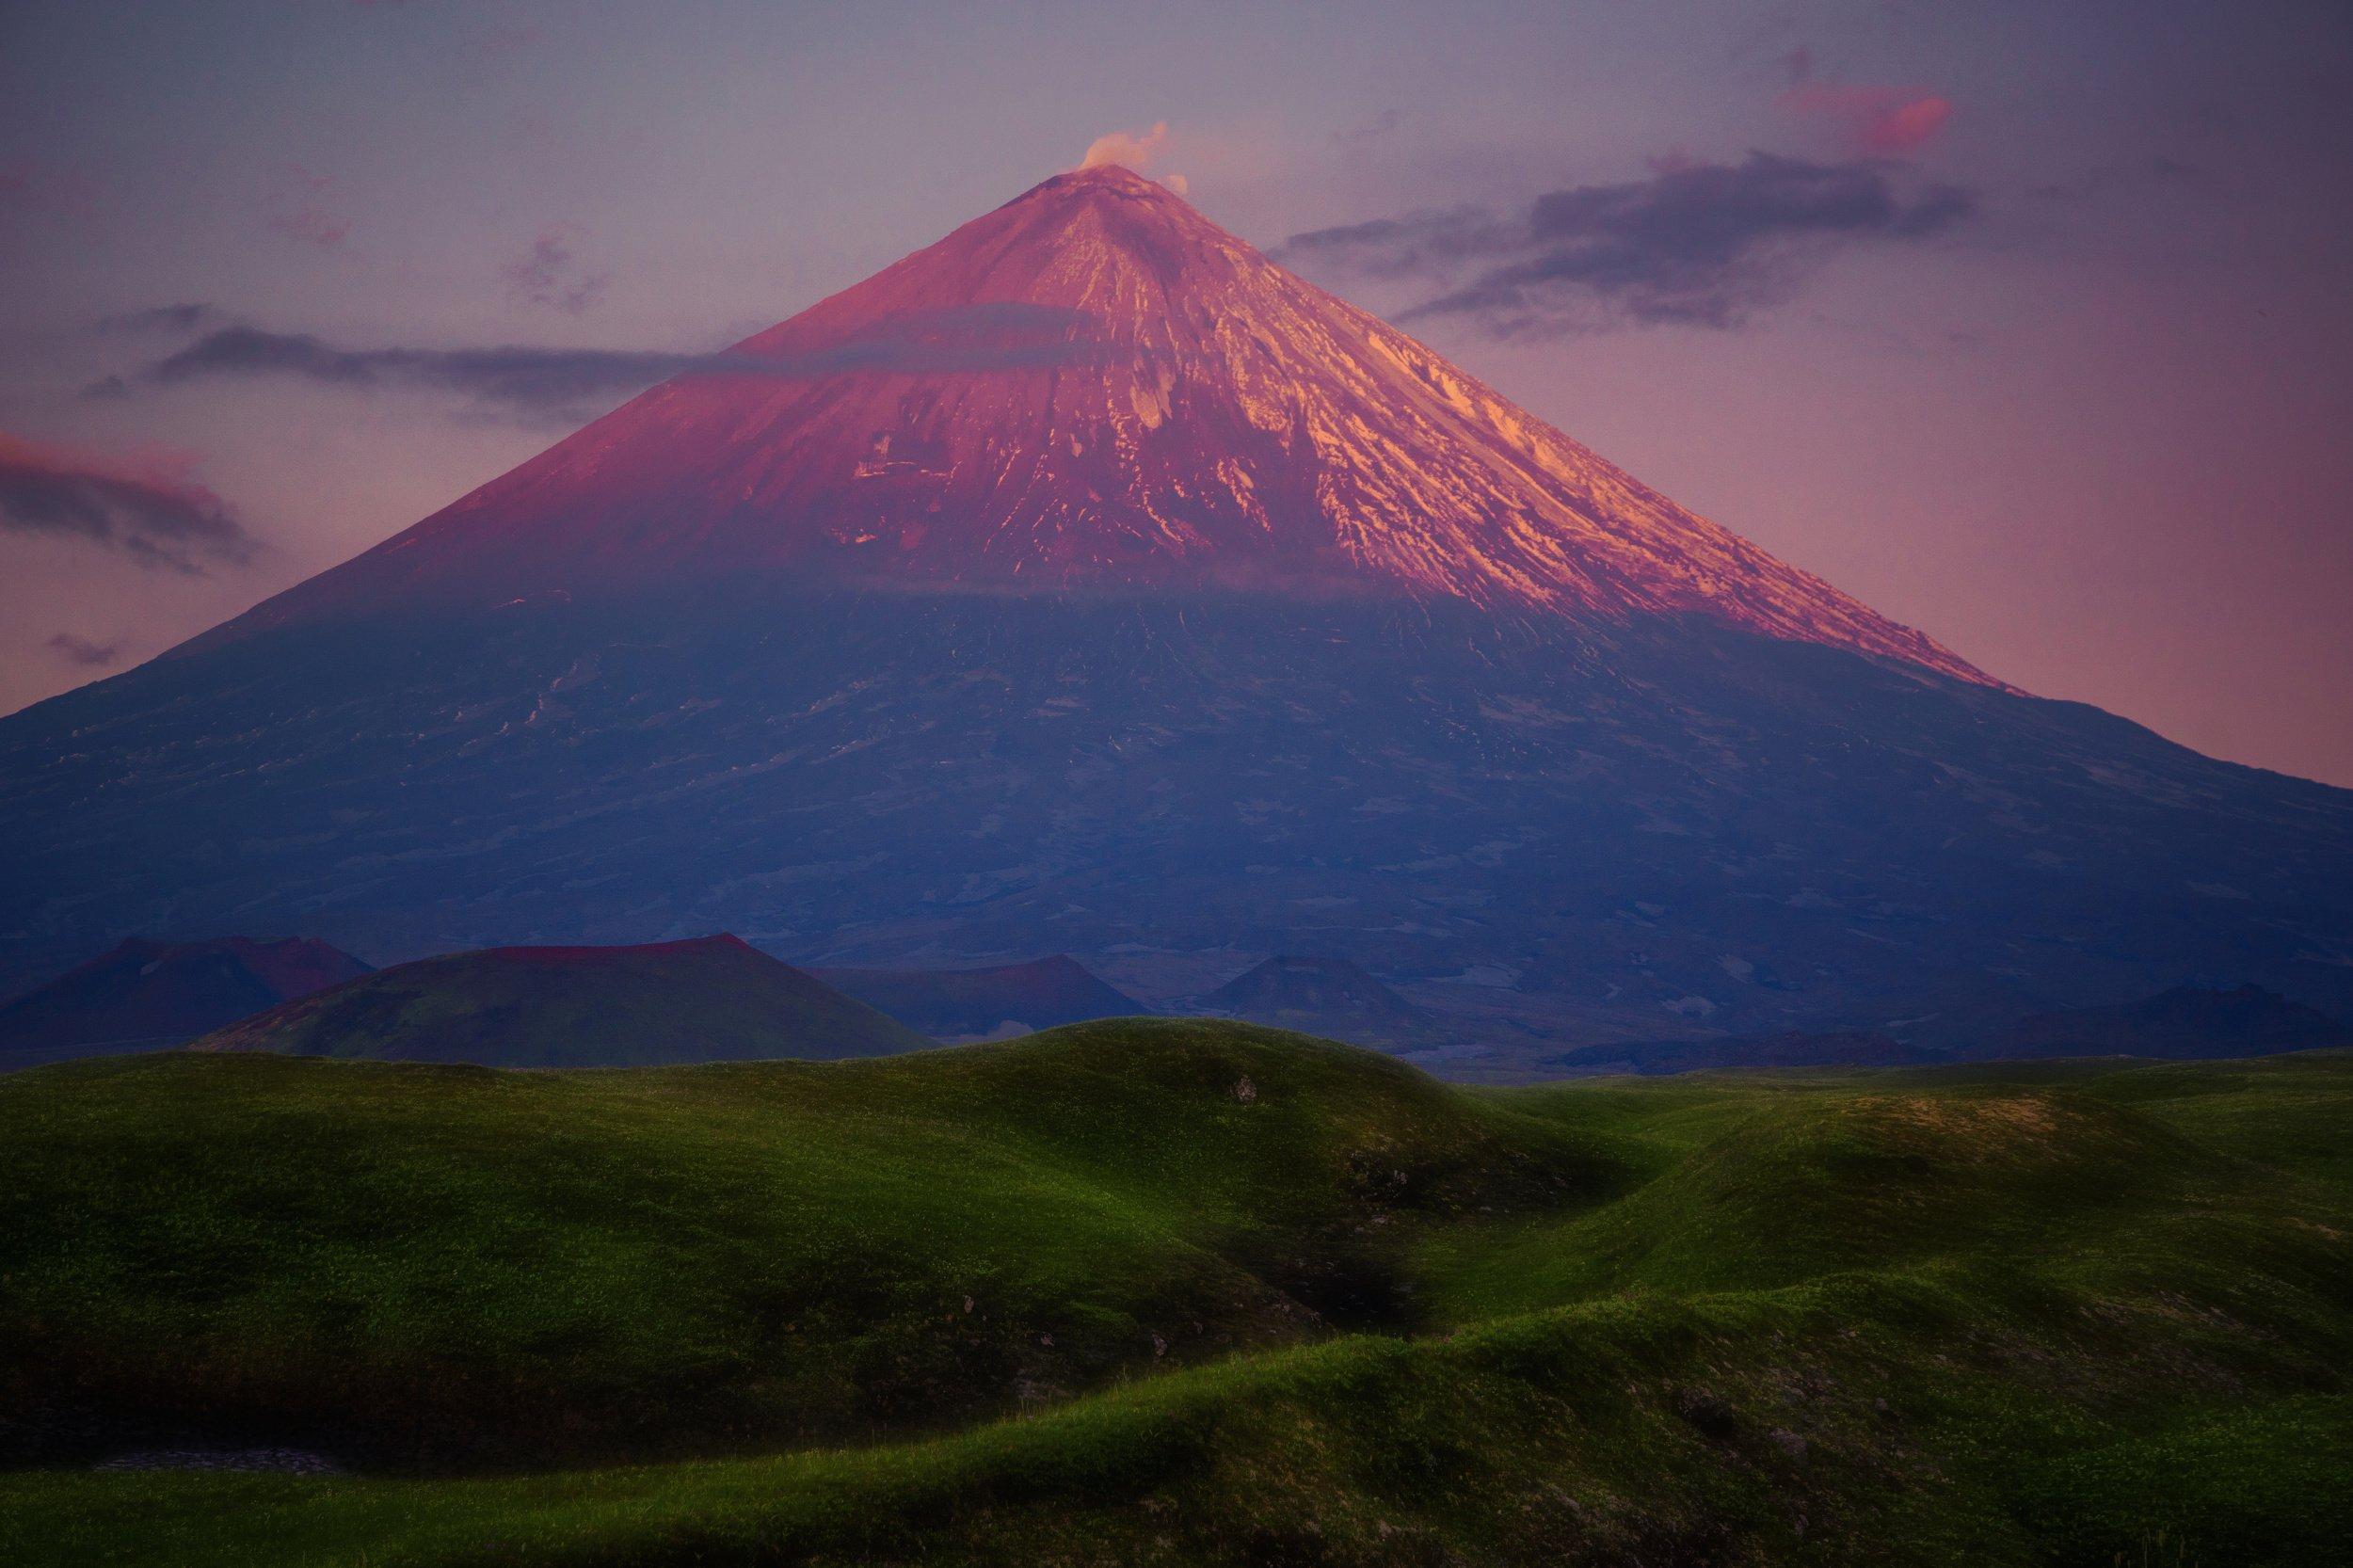 камчатка,ключевская сопка,рассвет,вулкан, Кретов Алексей